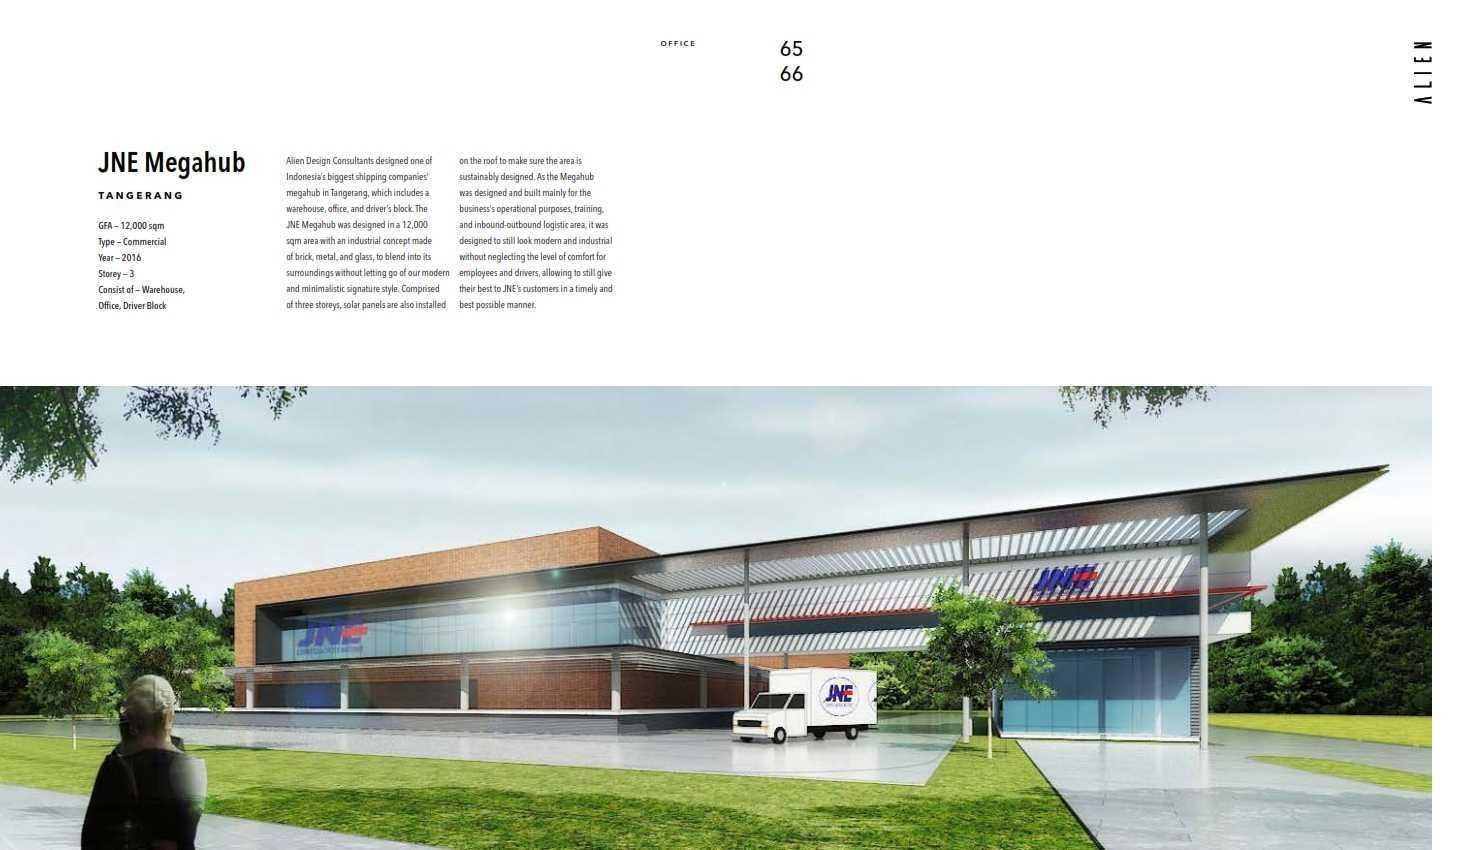 Alien Design Consultant Alien Dc - Jne Portofolios West Jakarta West Jakarta Aliencompro260Mmx300Mm12Updated033  44751